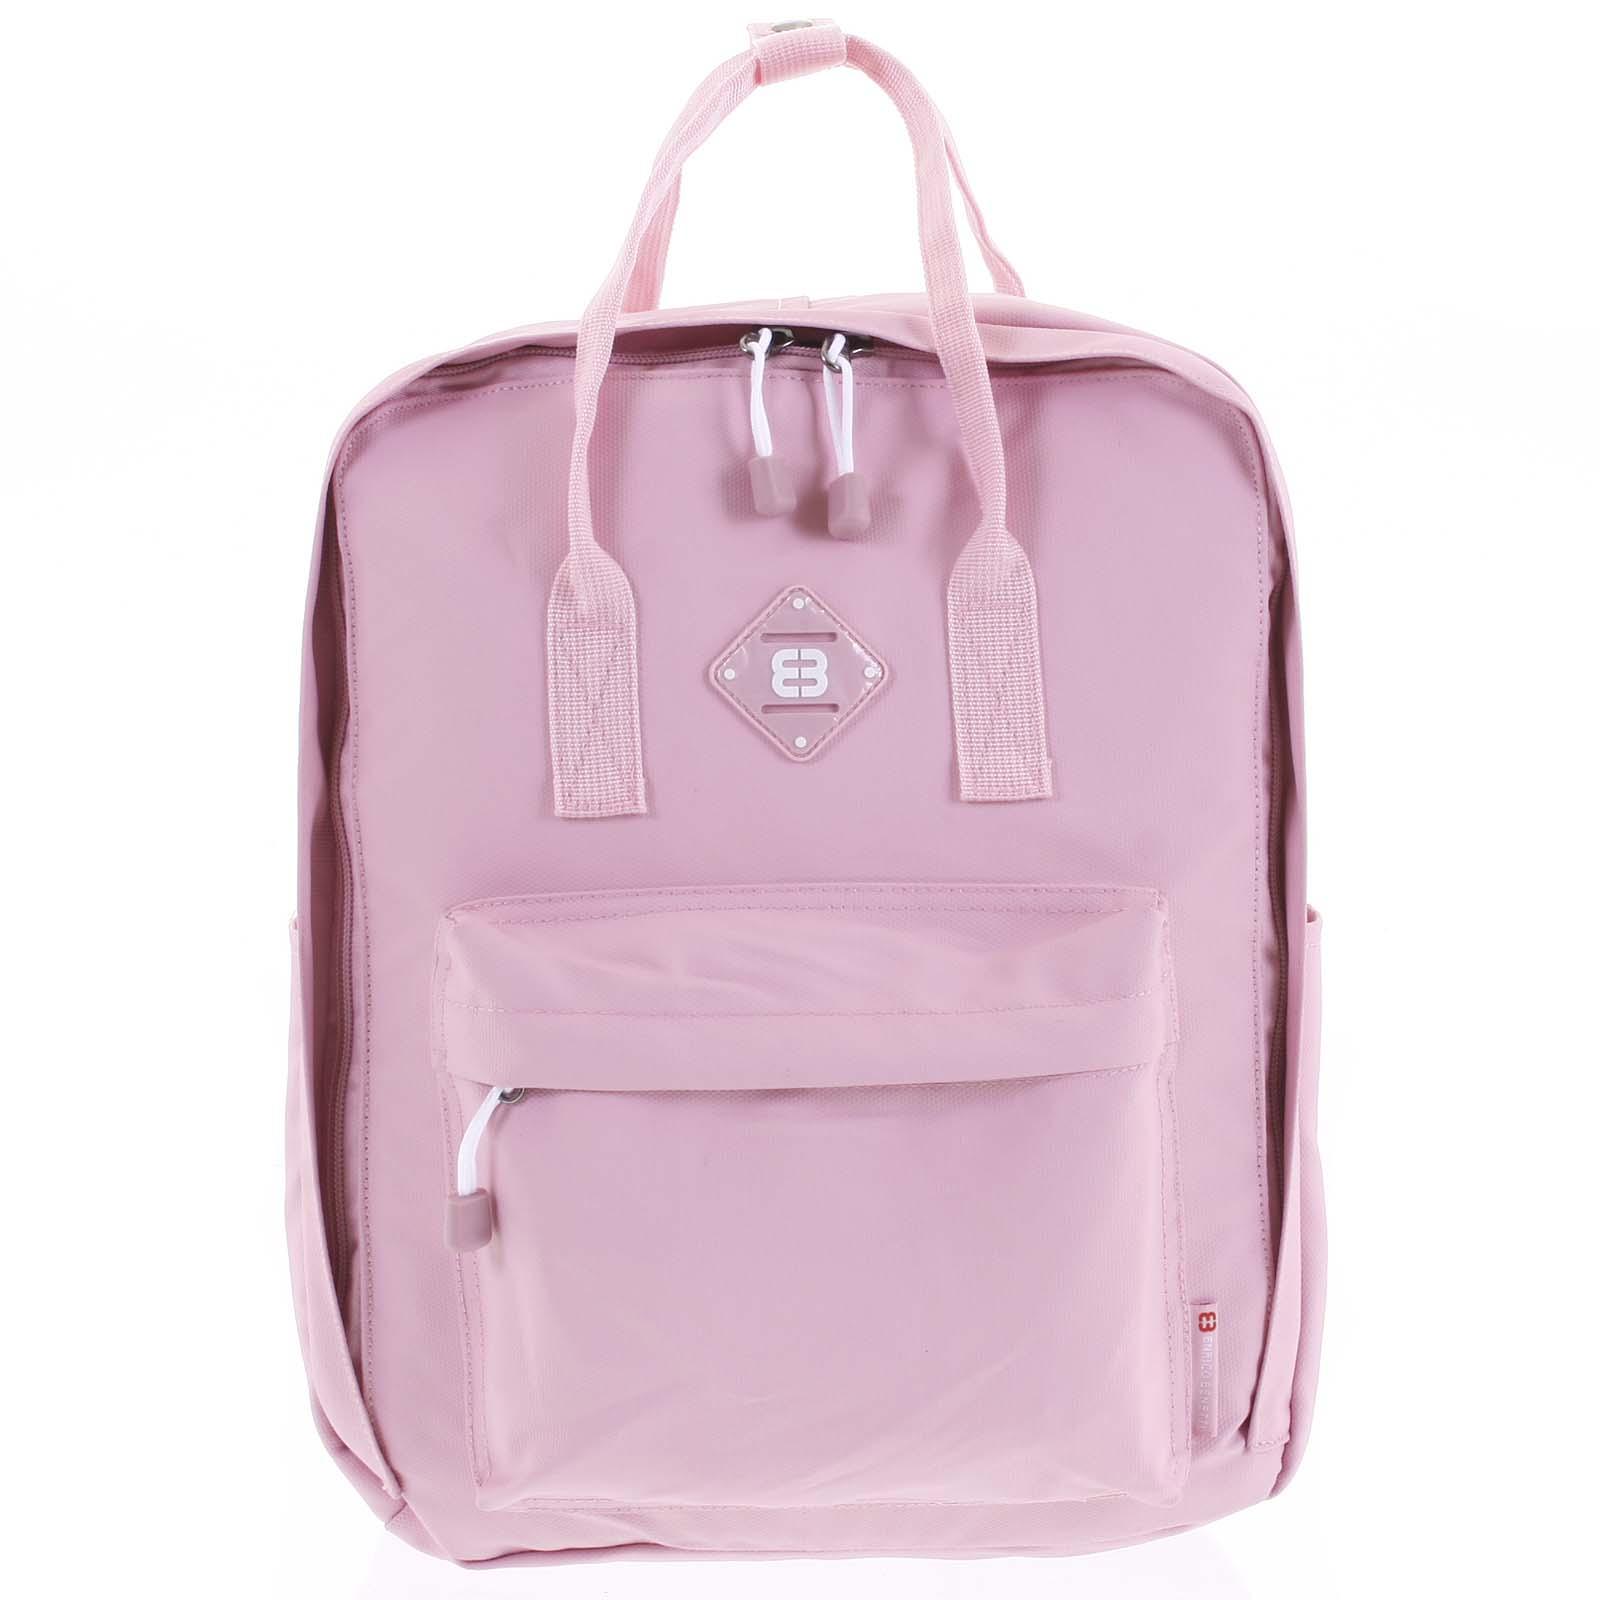 Voděodolný batoh růžový - Enrico Benetti Vickey